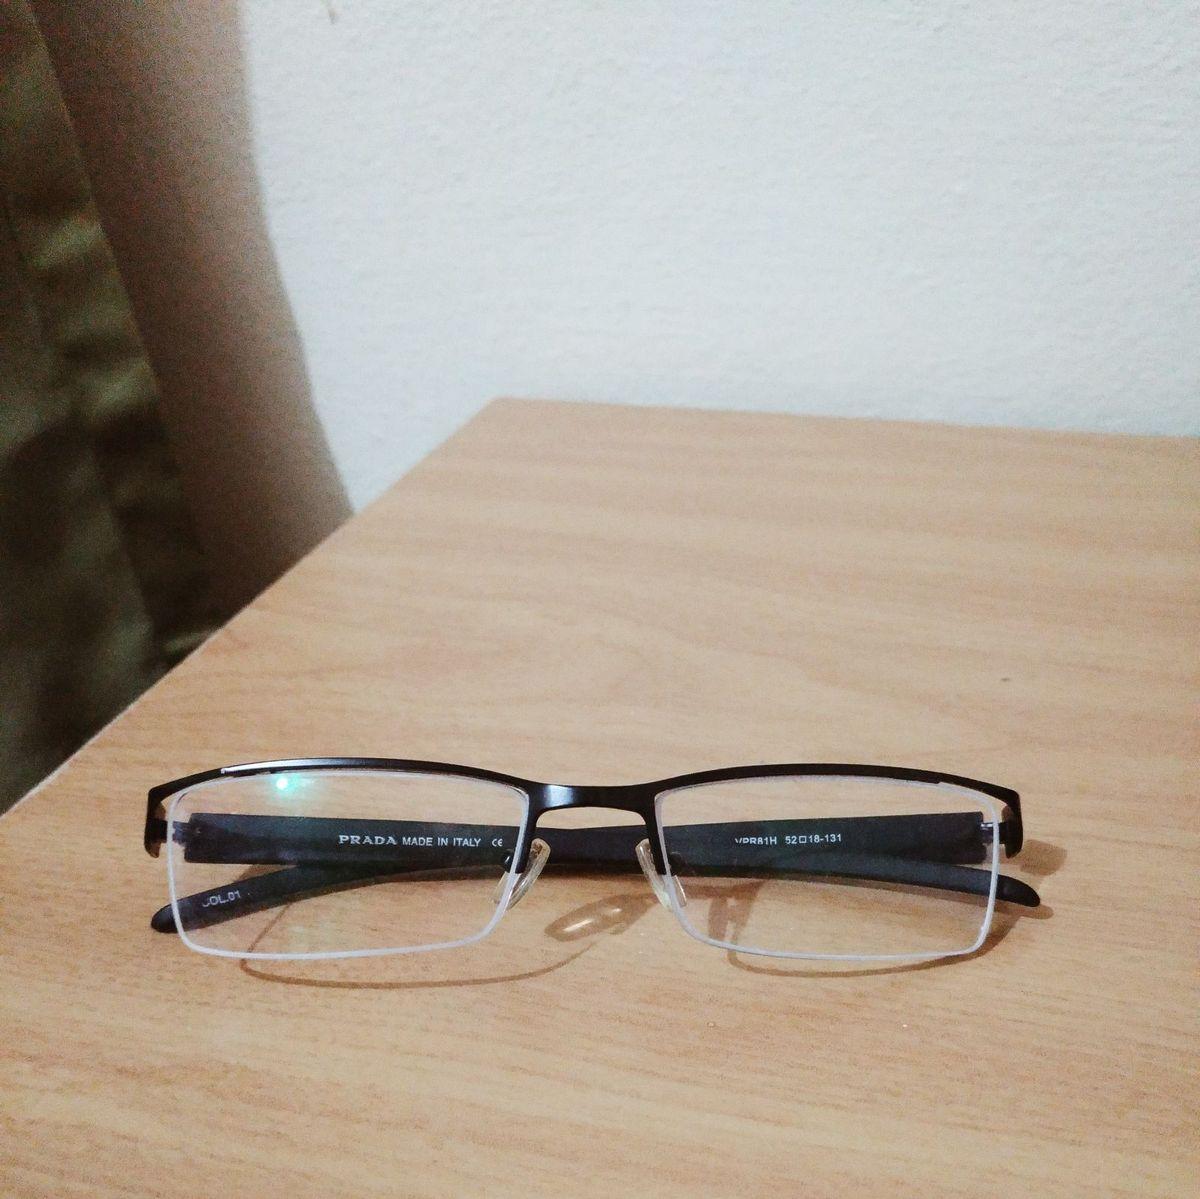 18179e7d4a65c armação original prada - óculos de grau - óculos prada